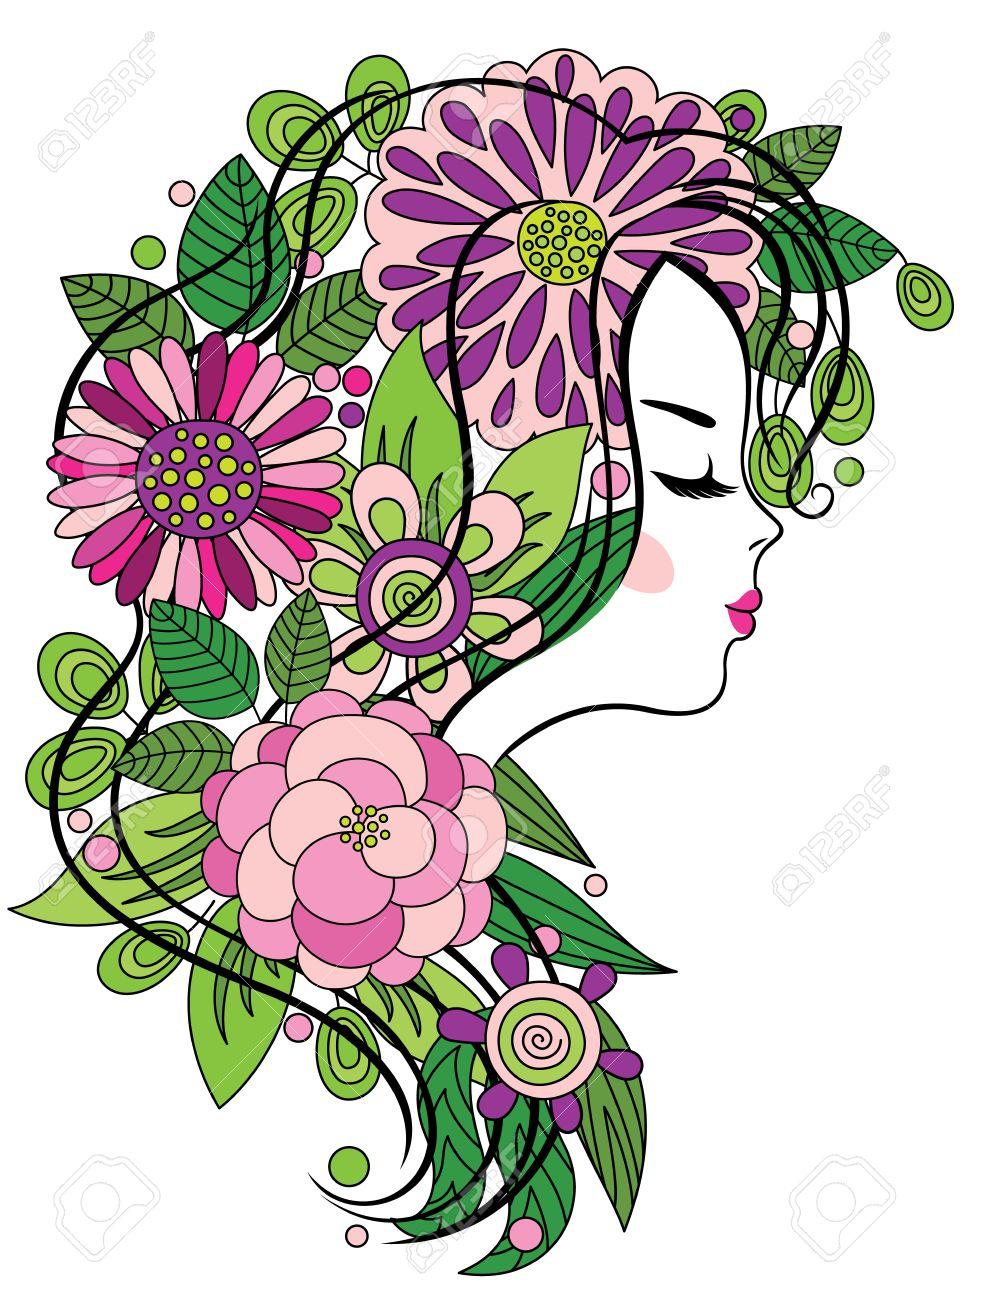 Arte Elegante Línea De Una Hermosa Niña Con Flores De Colores En El ...